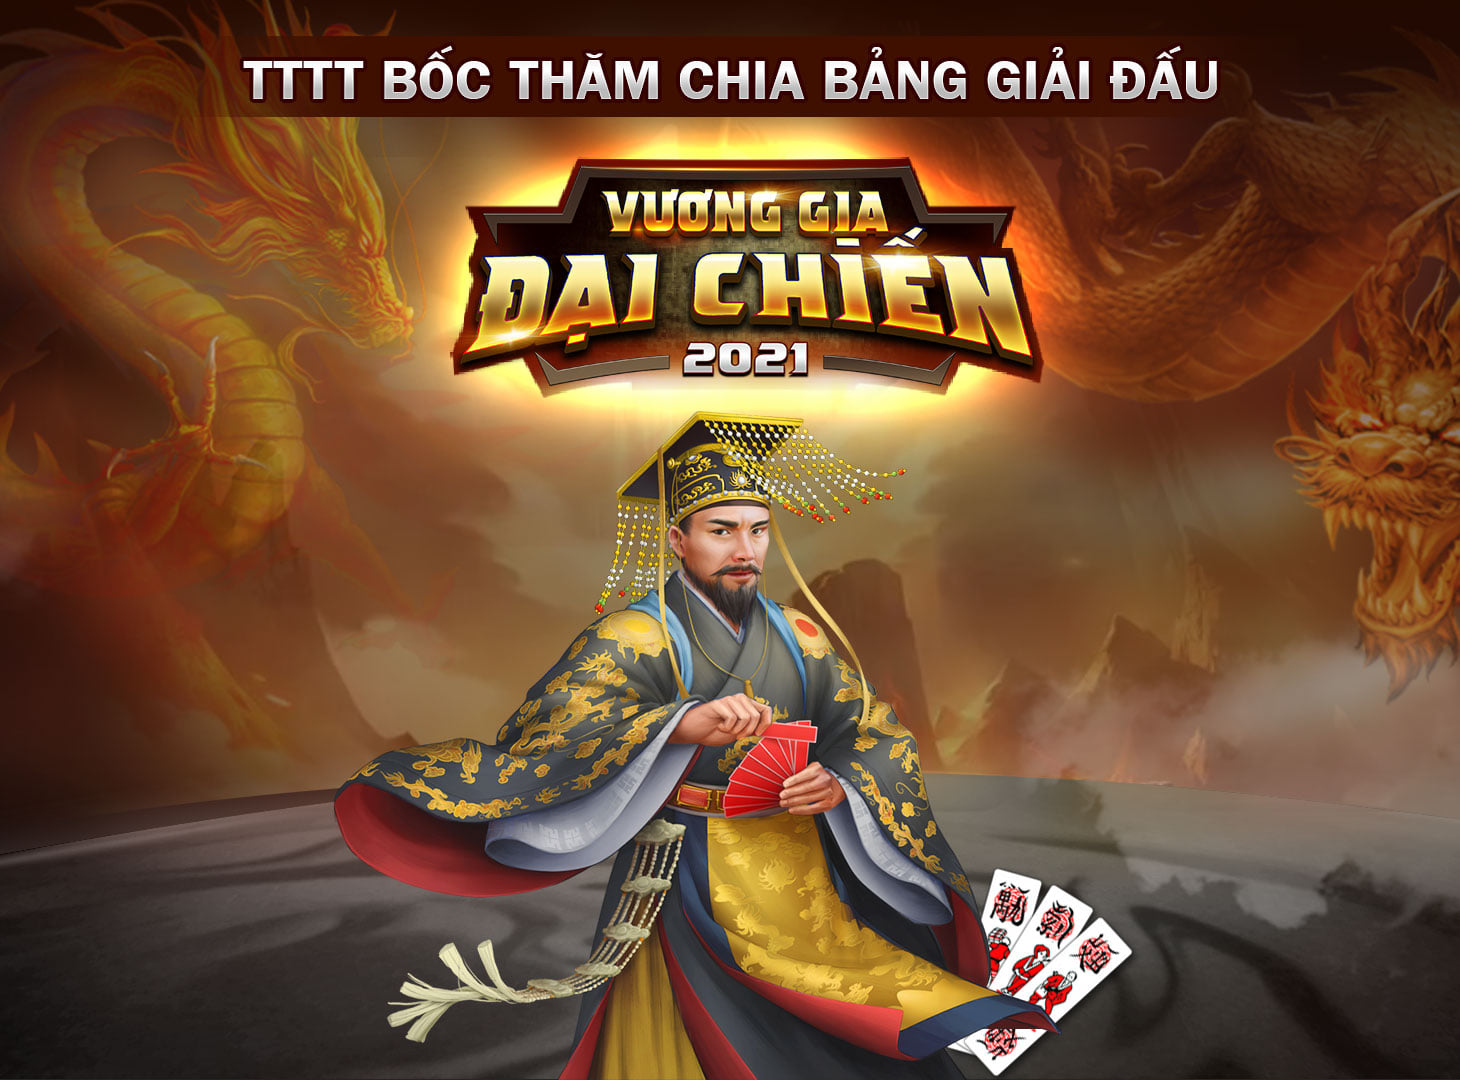 bocthamchiabang.